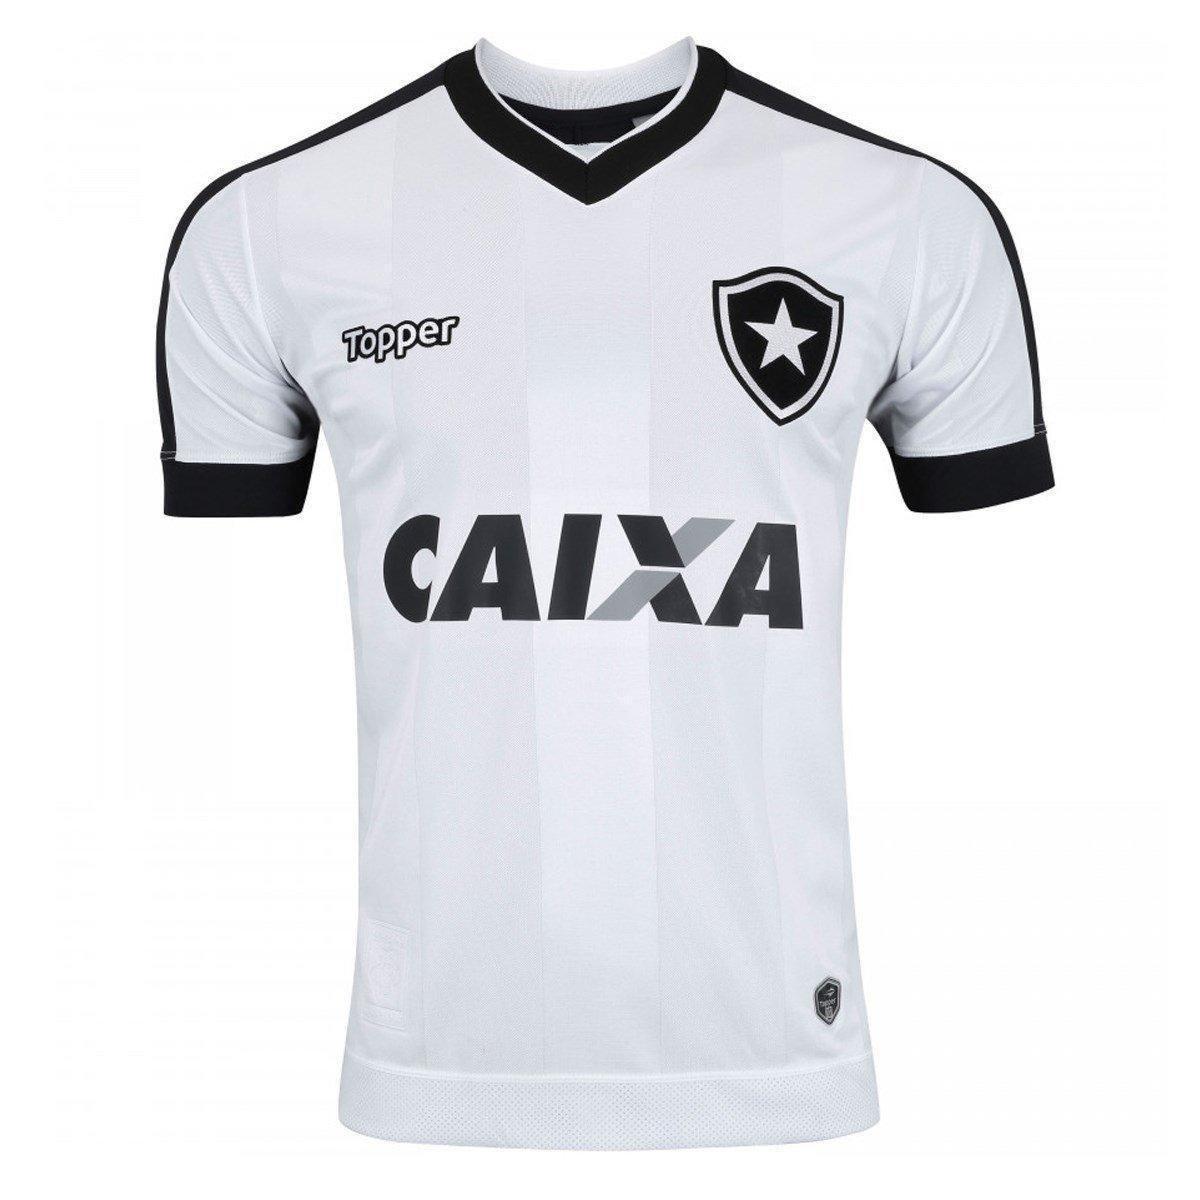 caf27df4c1d5a Camisa Topper Botafogo III 2017 Masculina - Branco e Preto - Compre Agora